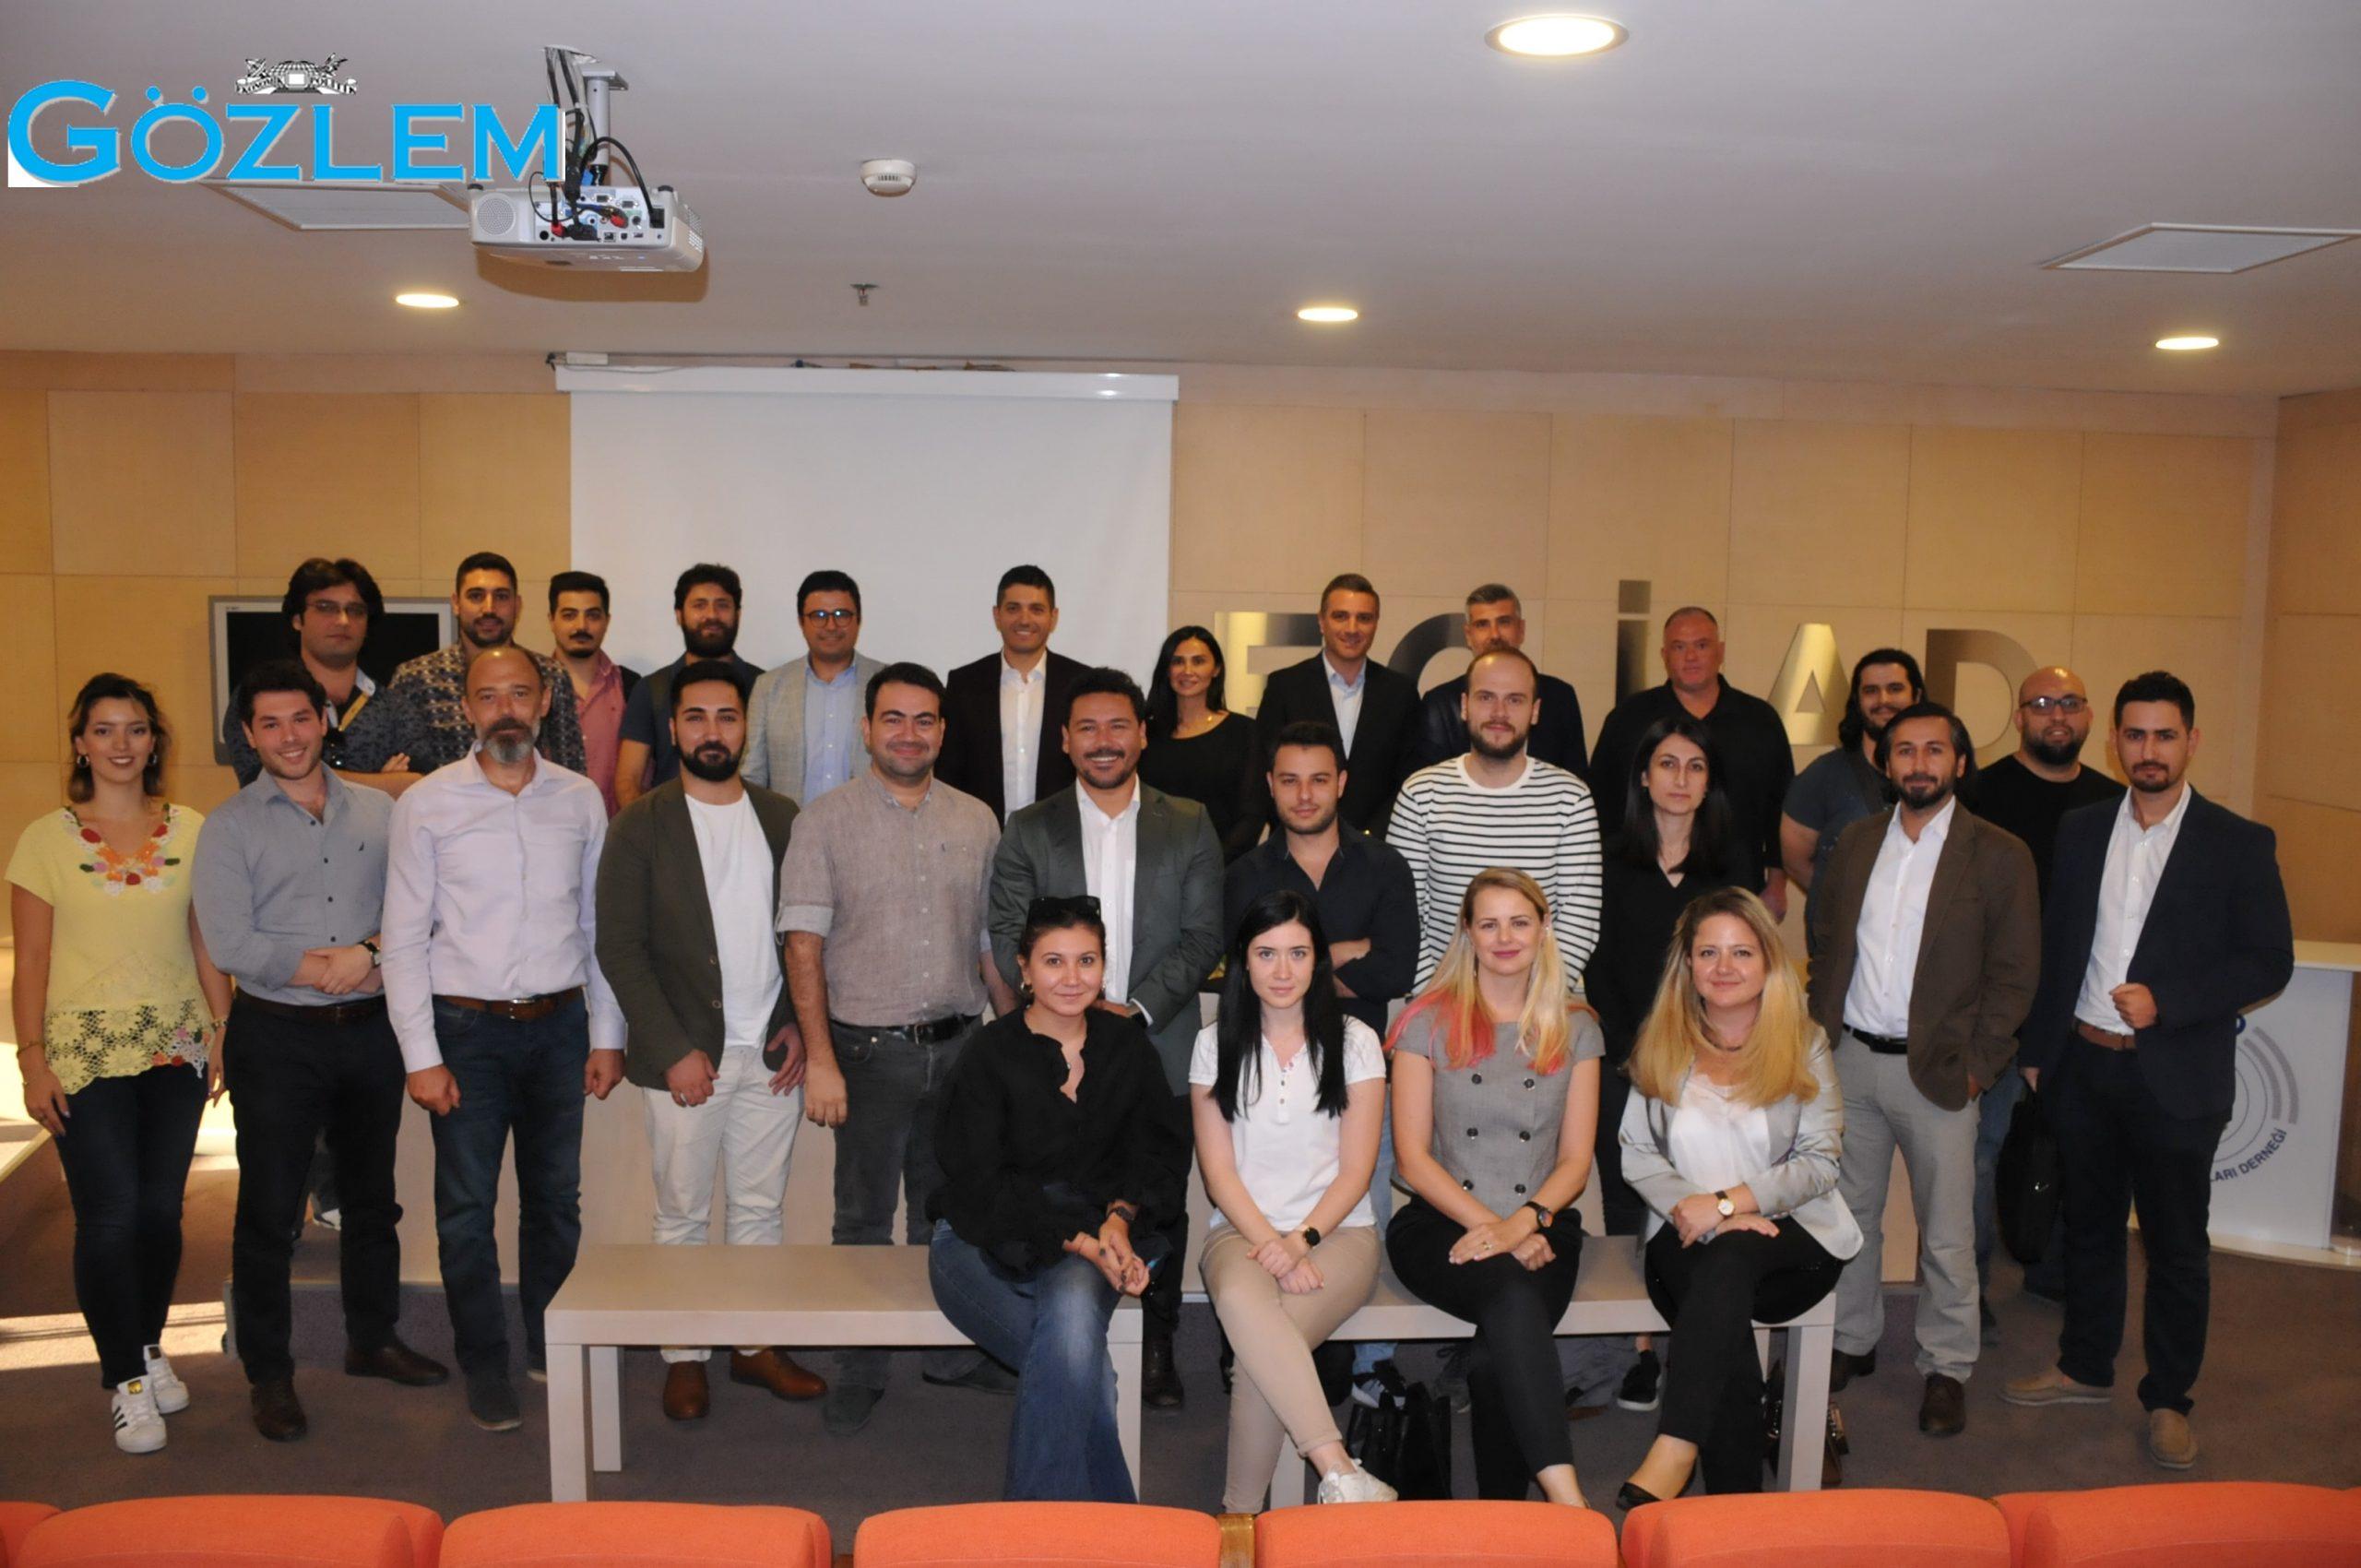 """Gözlem Gazetesi - """"İzmir EGİAD Think Tank ile '20 Girişimci Şehir' arasına girecek"""""""